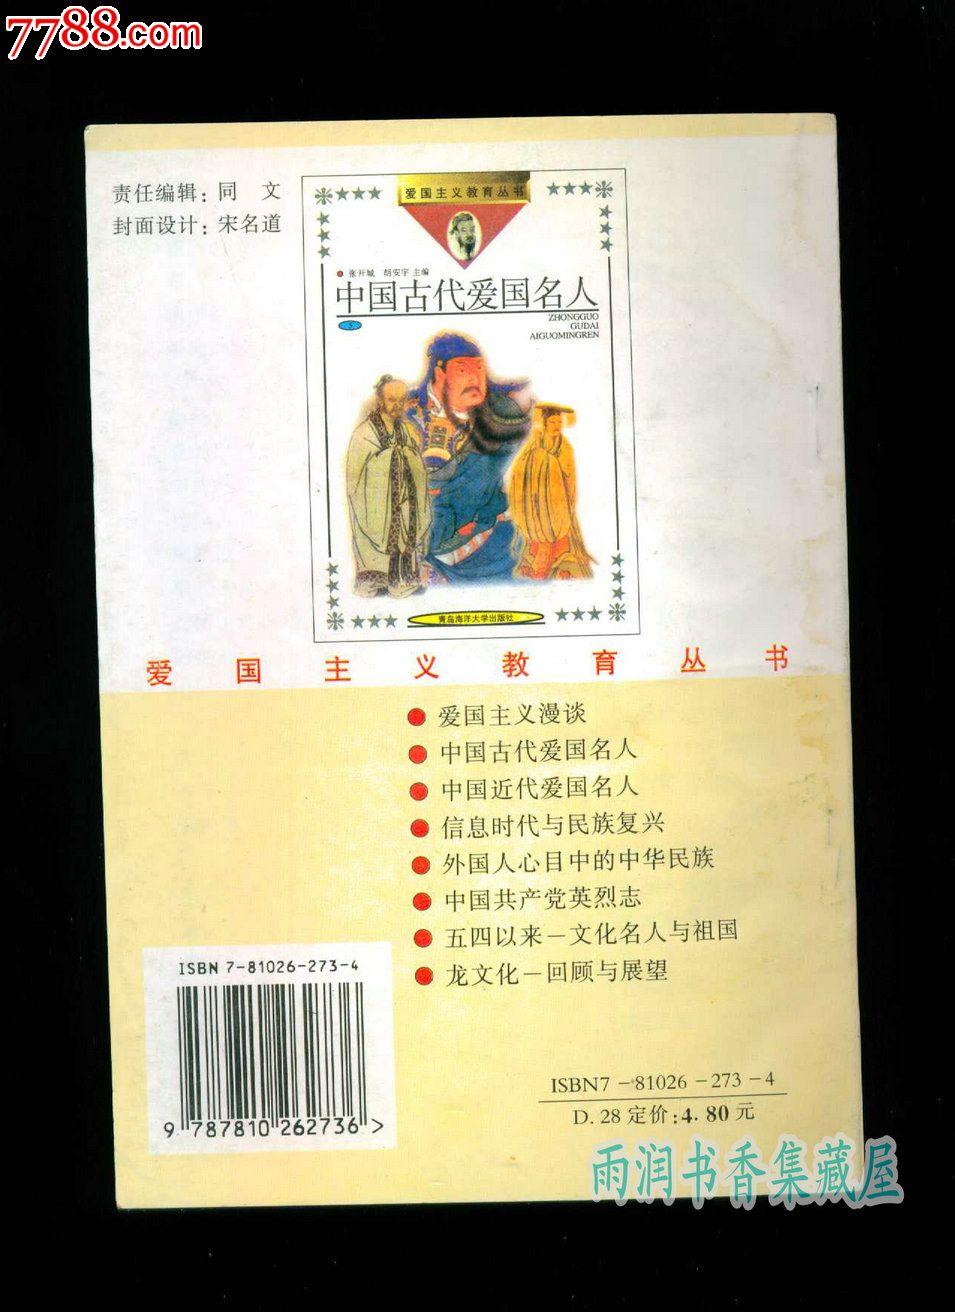 爱国名人名事名�_>> 文章内容 >> 伟人爱国名言  中国爱国名人有哪些答:陈毅(1901~197